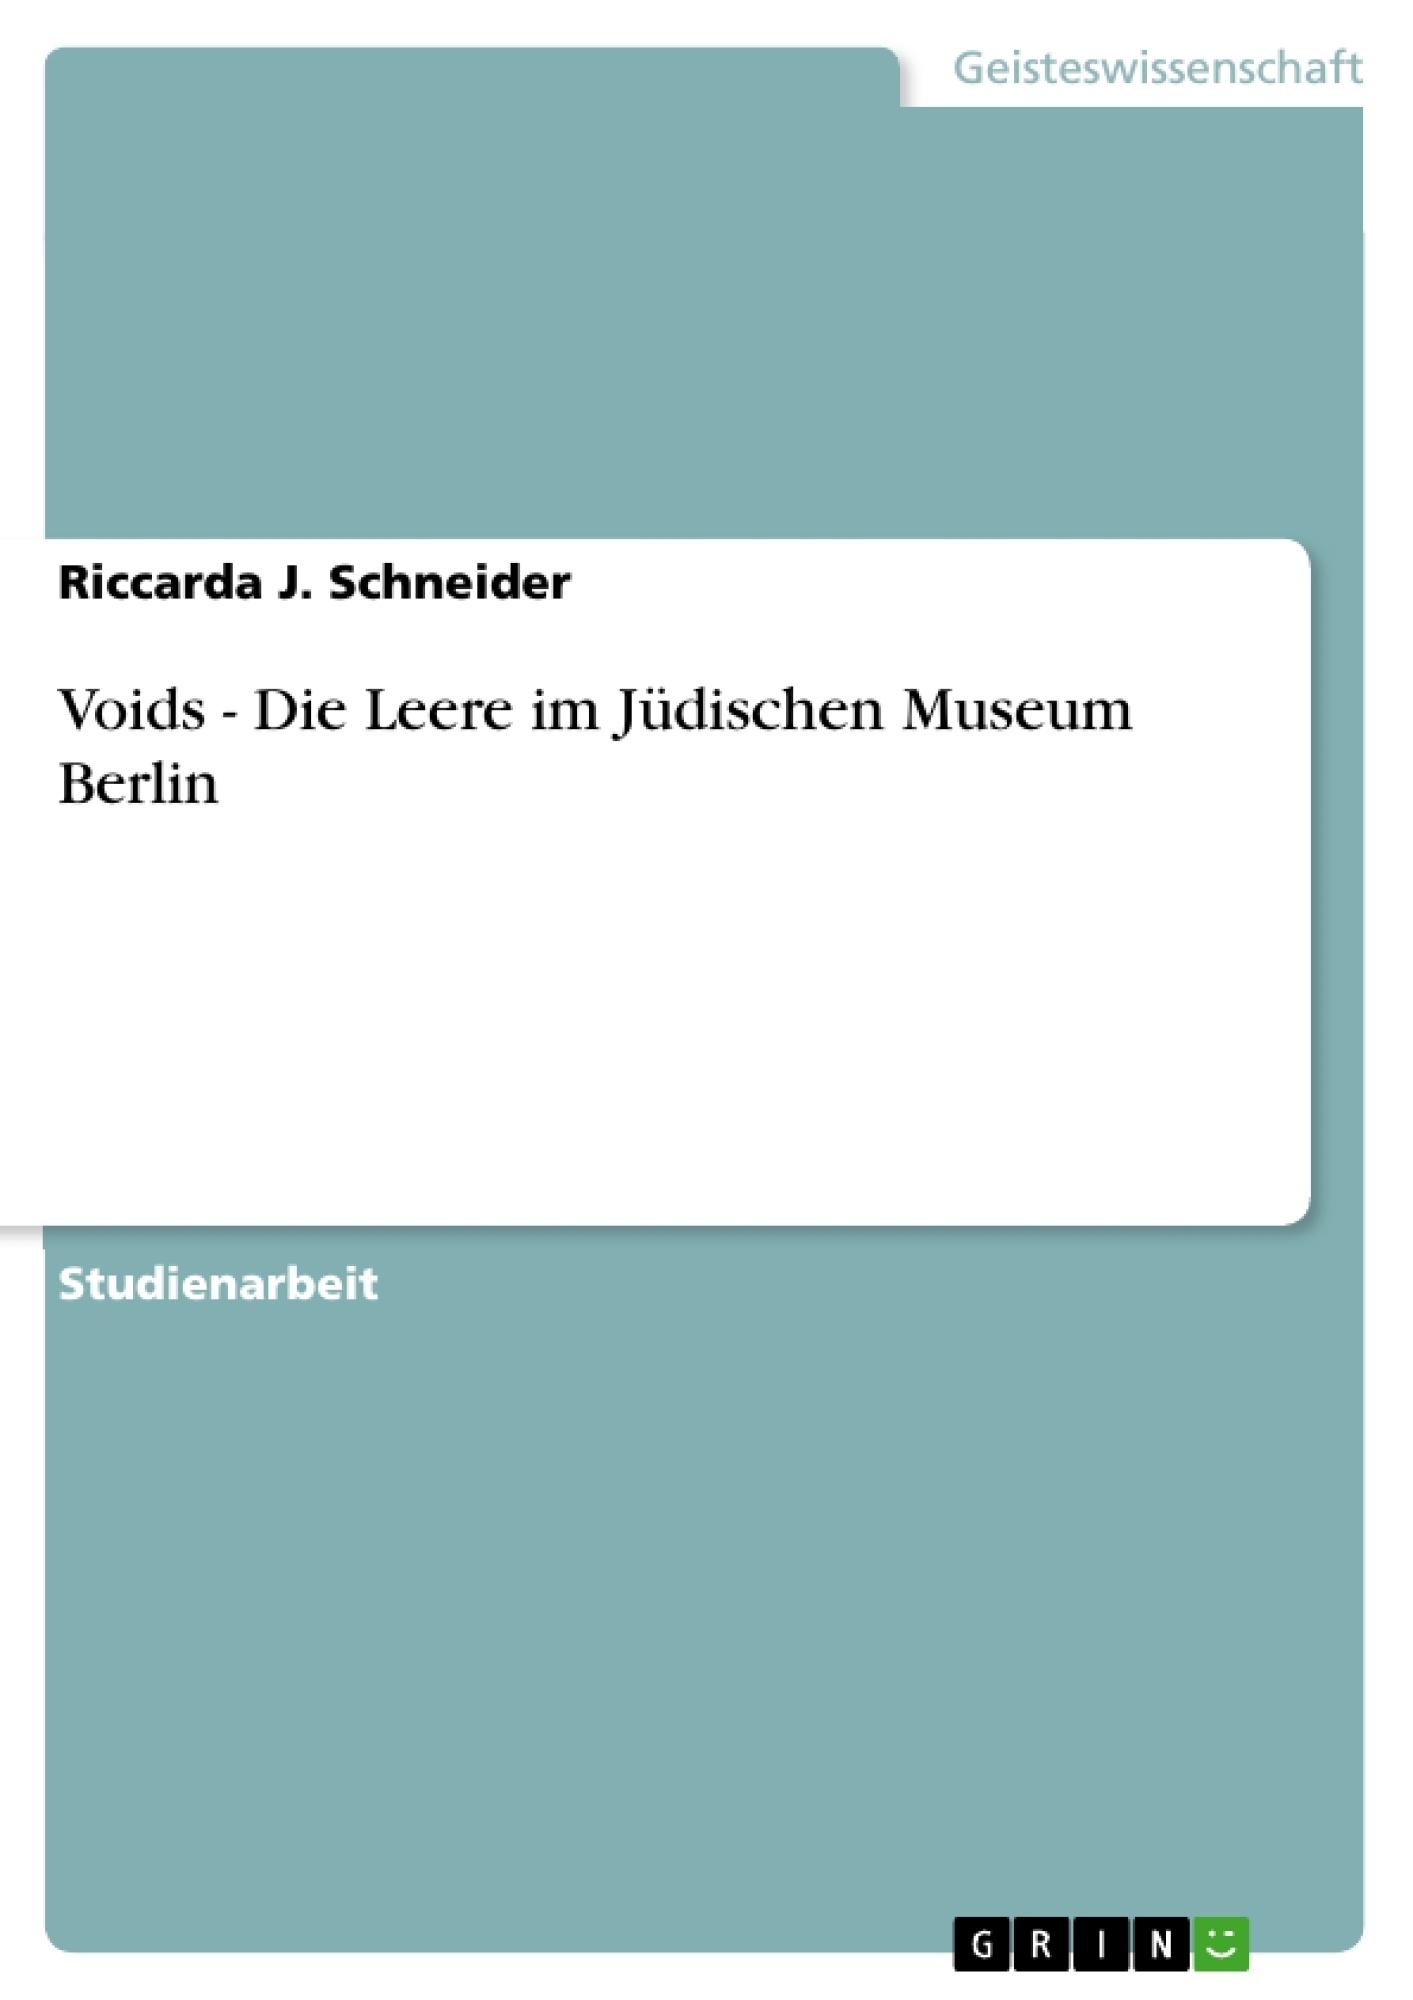 Titel: Voids - Die Leere im Jüdischen Museum Berlin